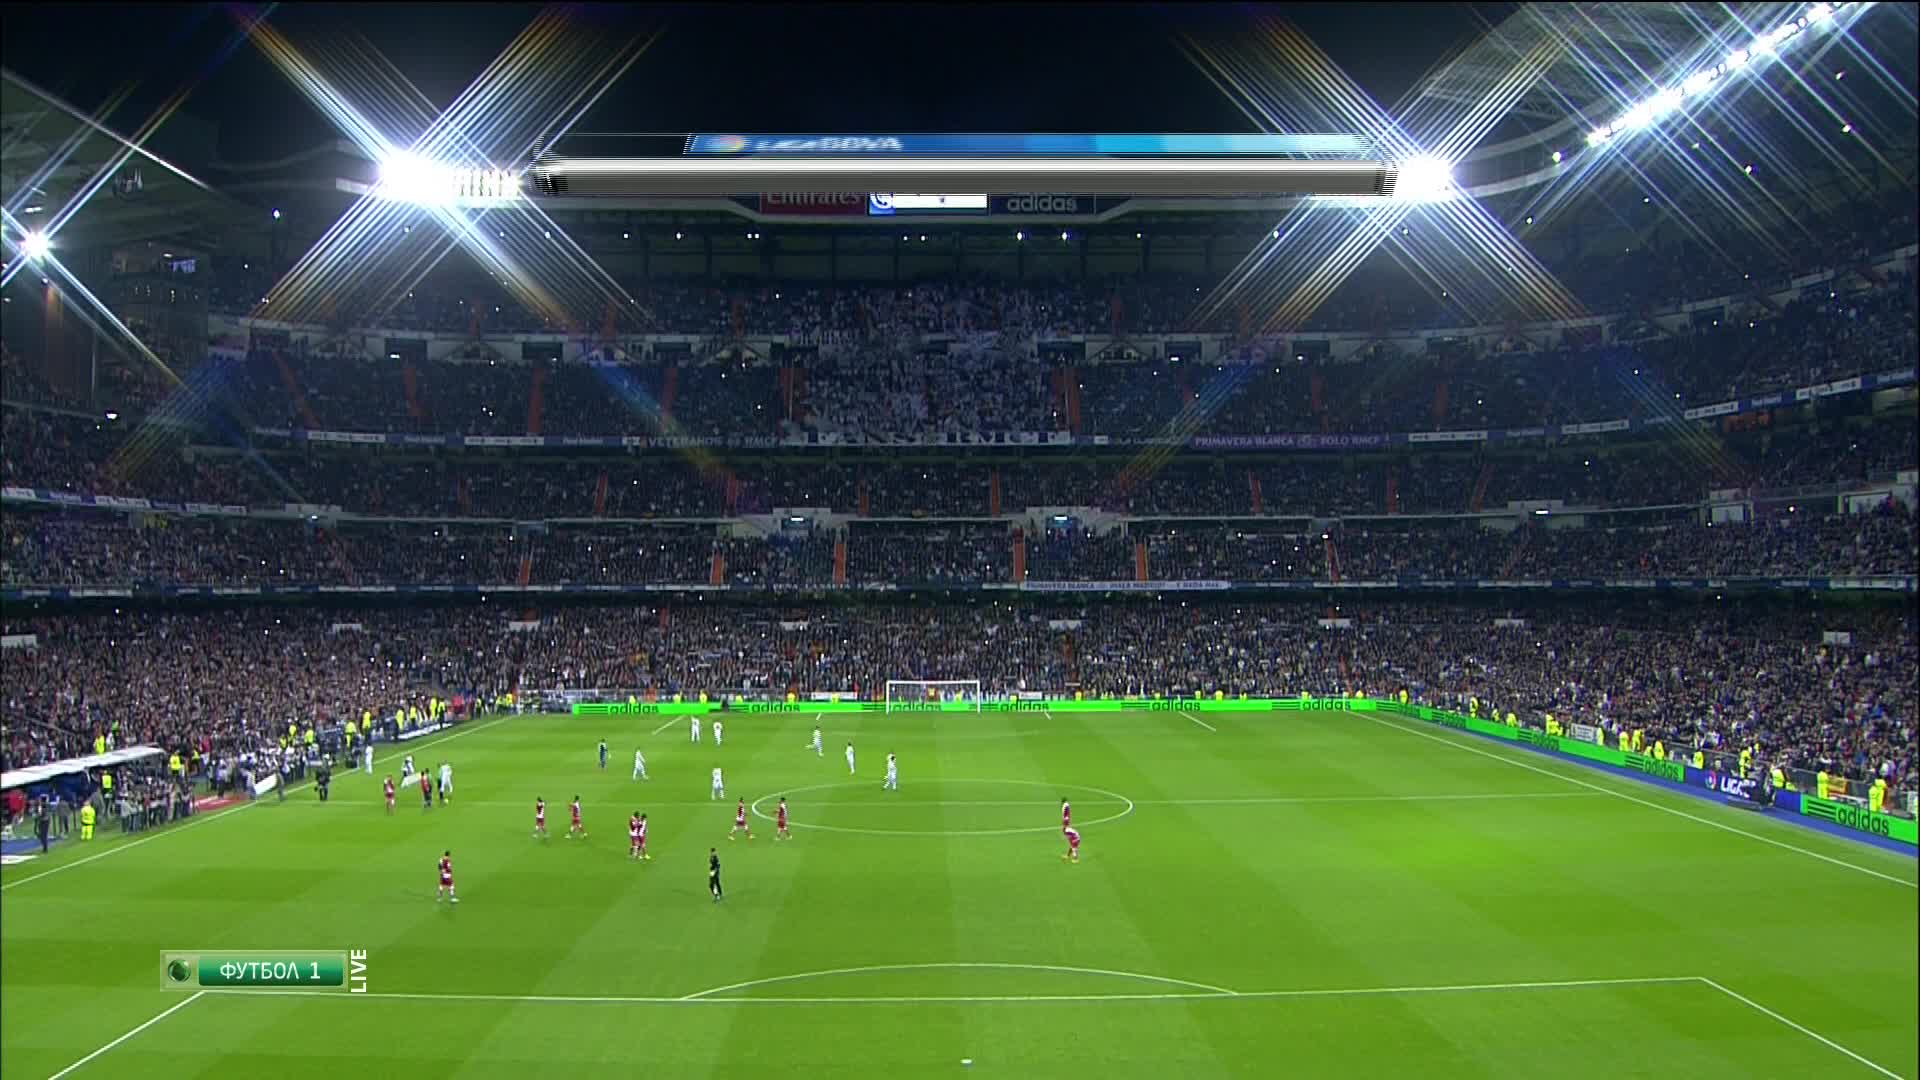 http://rgfootball.tv/media/up/14154796688.jpg